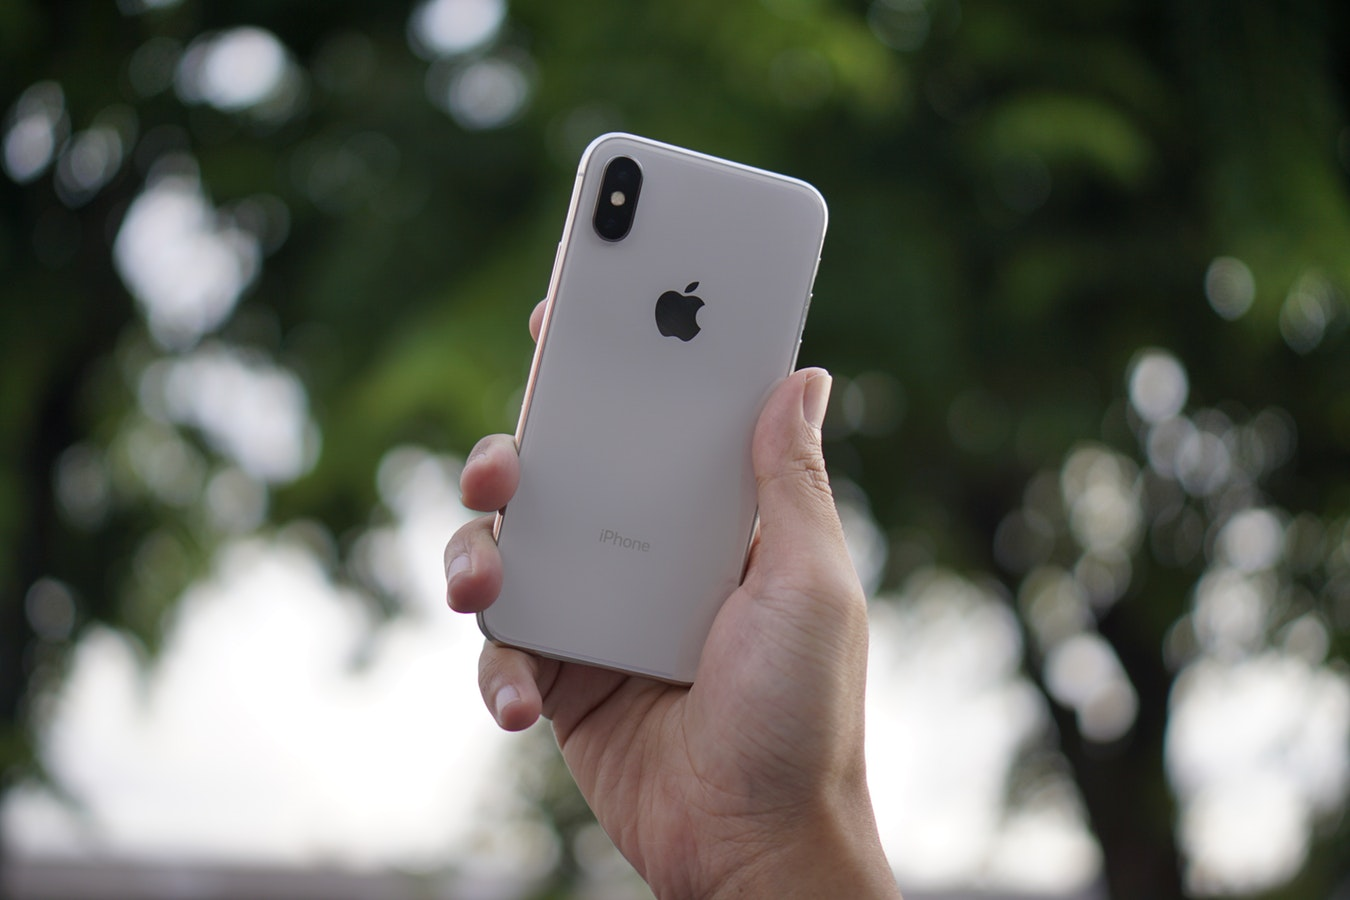 消费者权益组织称苹果夸大 iPhone 续航时间,苹果回应与测试方法有关